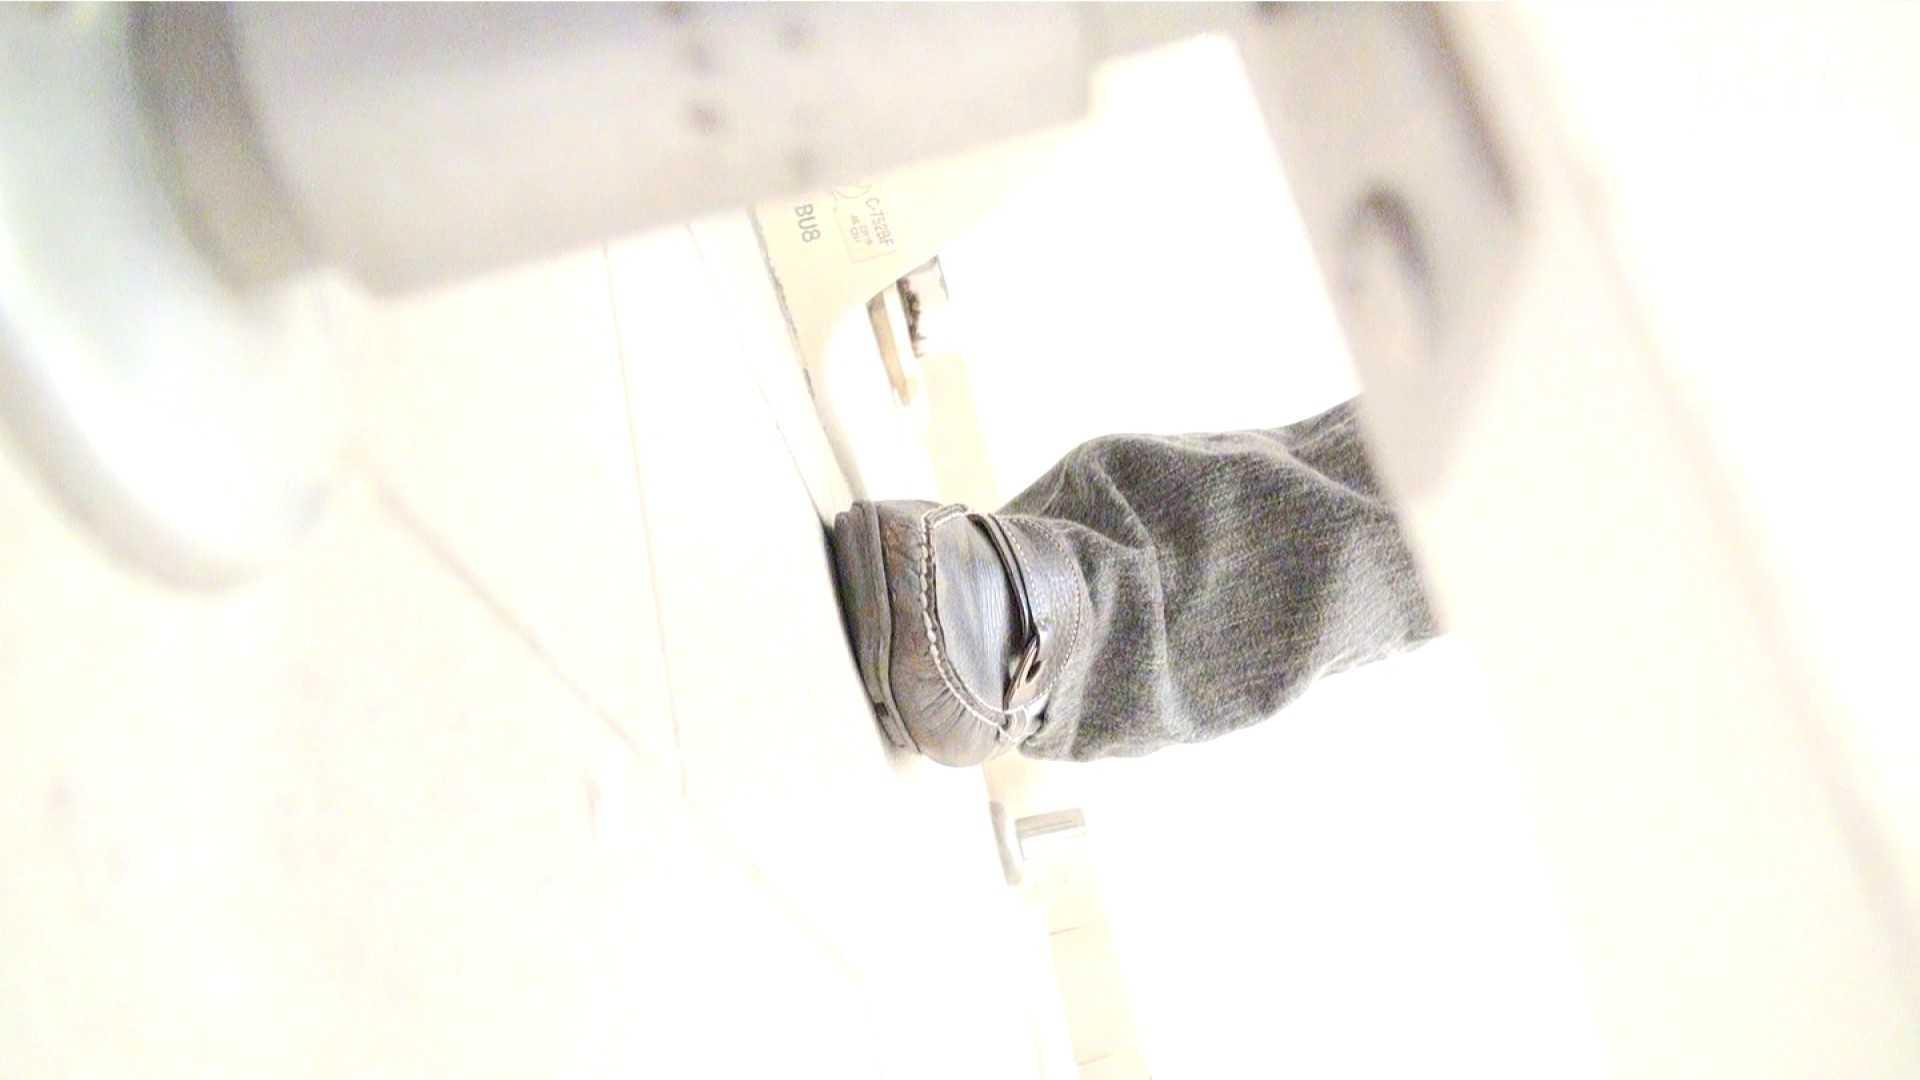 至高下半身盗撮-PREMIUM-【院内病棟編 】 vol.06 盗撮師作品  69pic 15